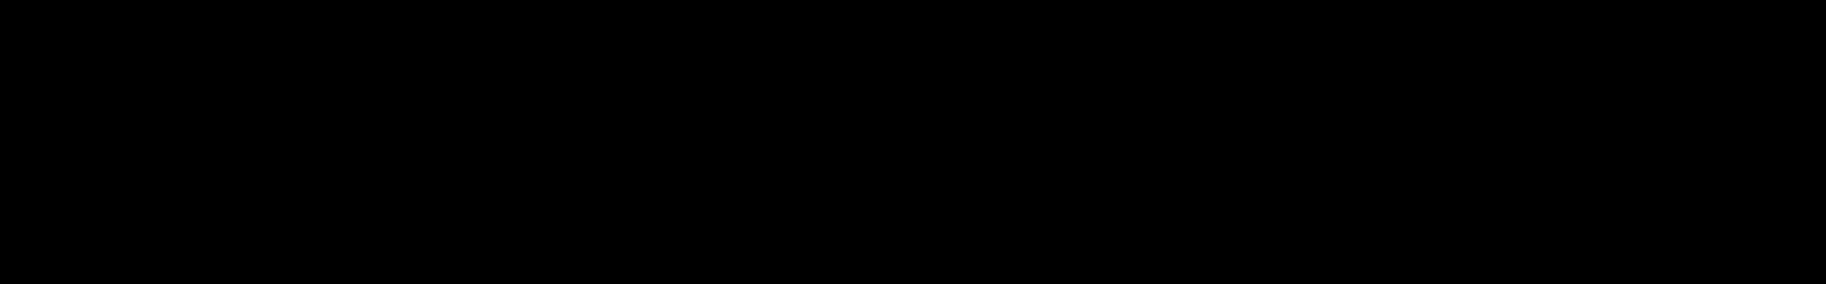 GKC_Logo_ChristChurch_Full_Black@2x.png